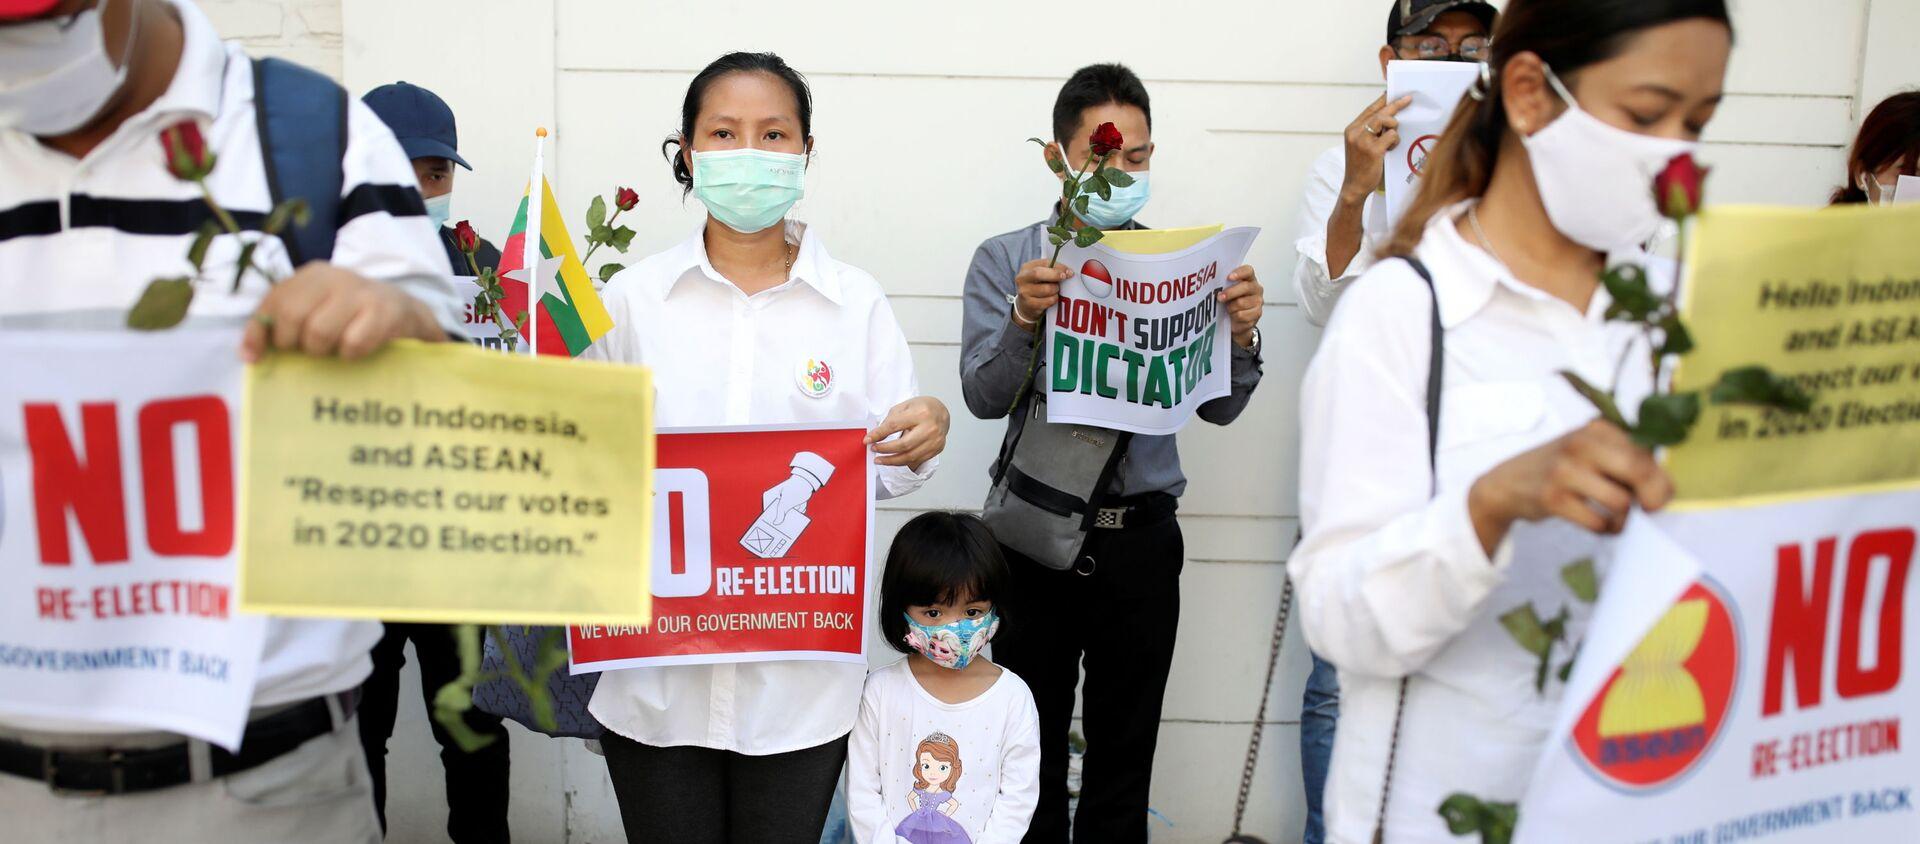 Công dân Myanmar trong cuộc biểu tình ở Bangkok, Thái Lan - Sputnik Việt Nam, 1920, 24.03.2021